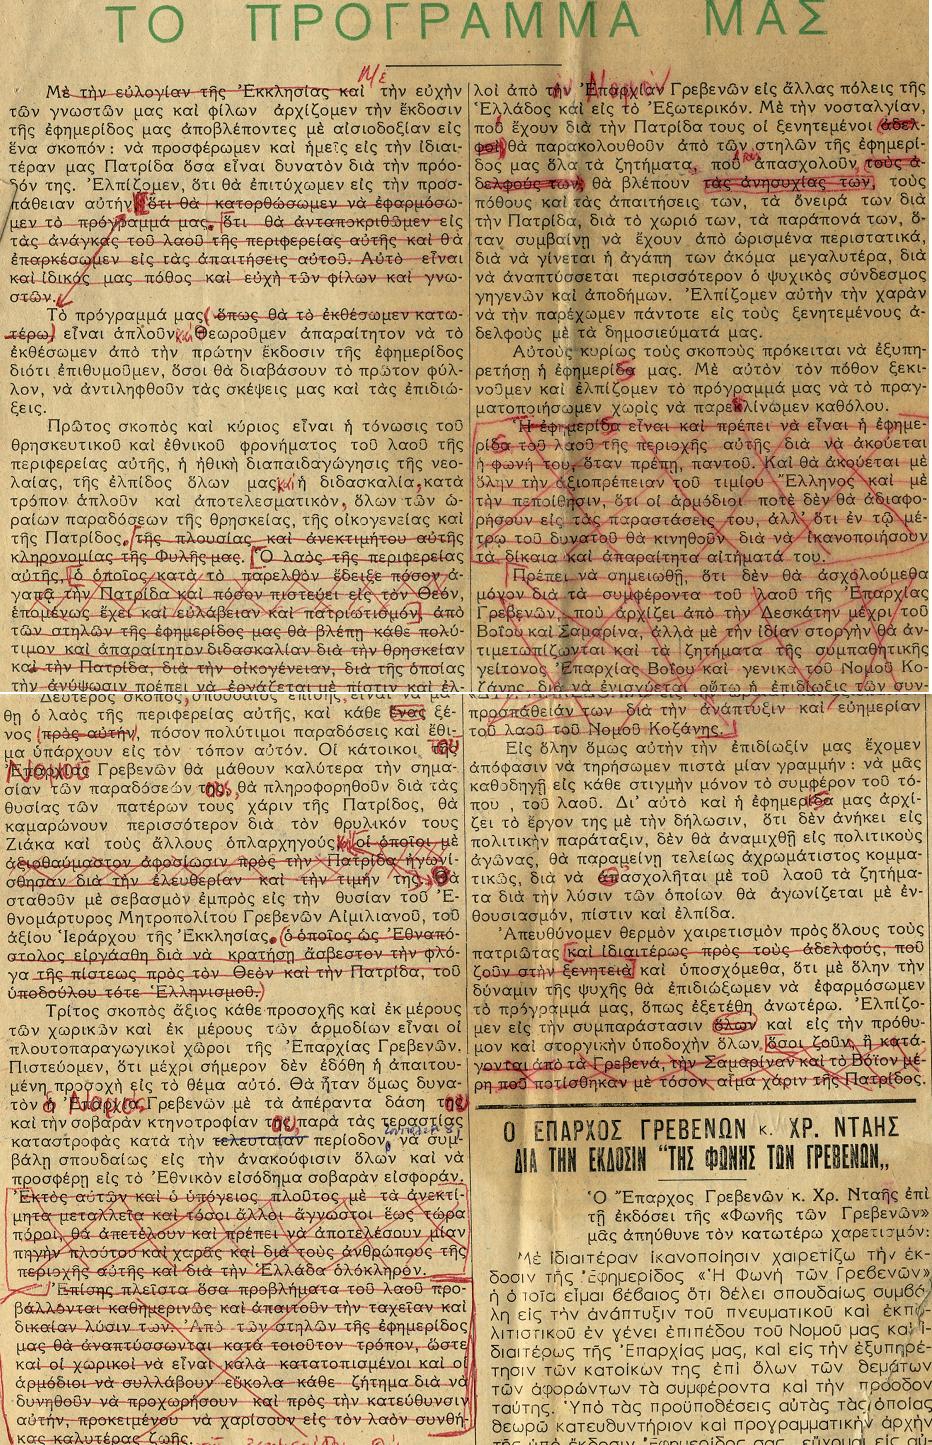 23-11h-foni-1o-thema_6-6-1955